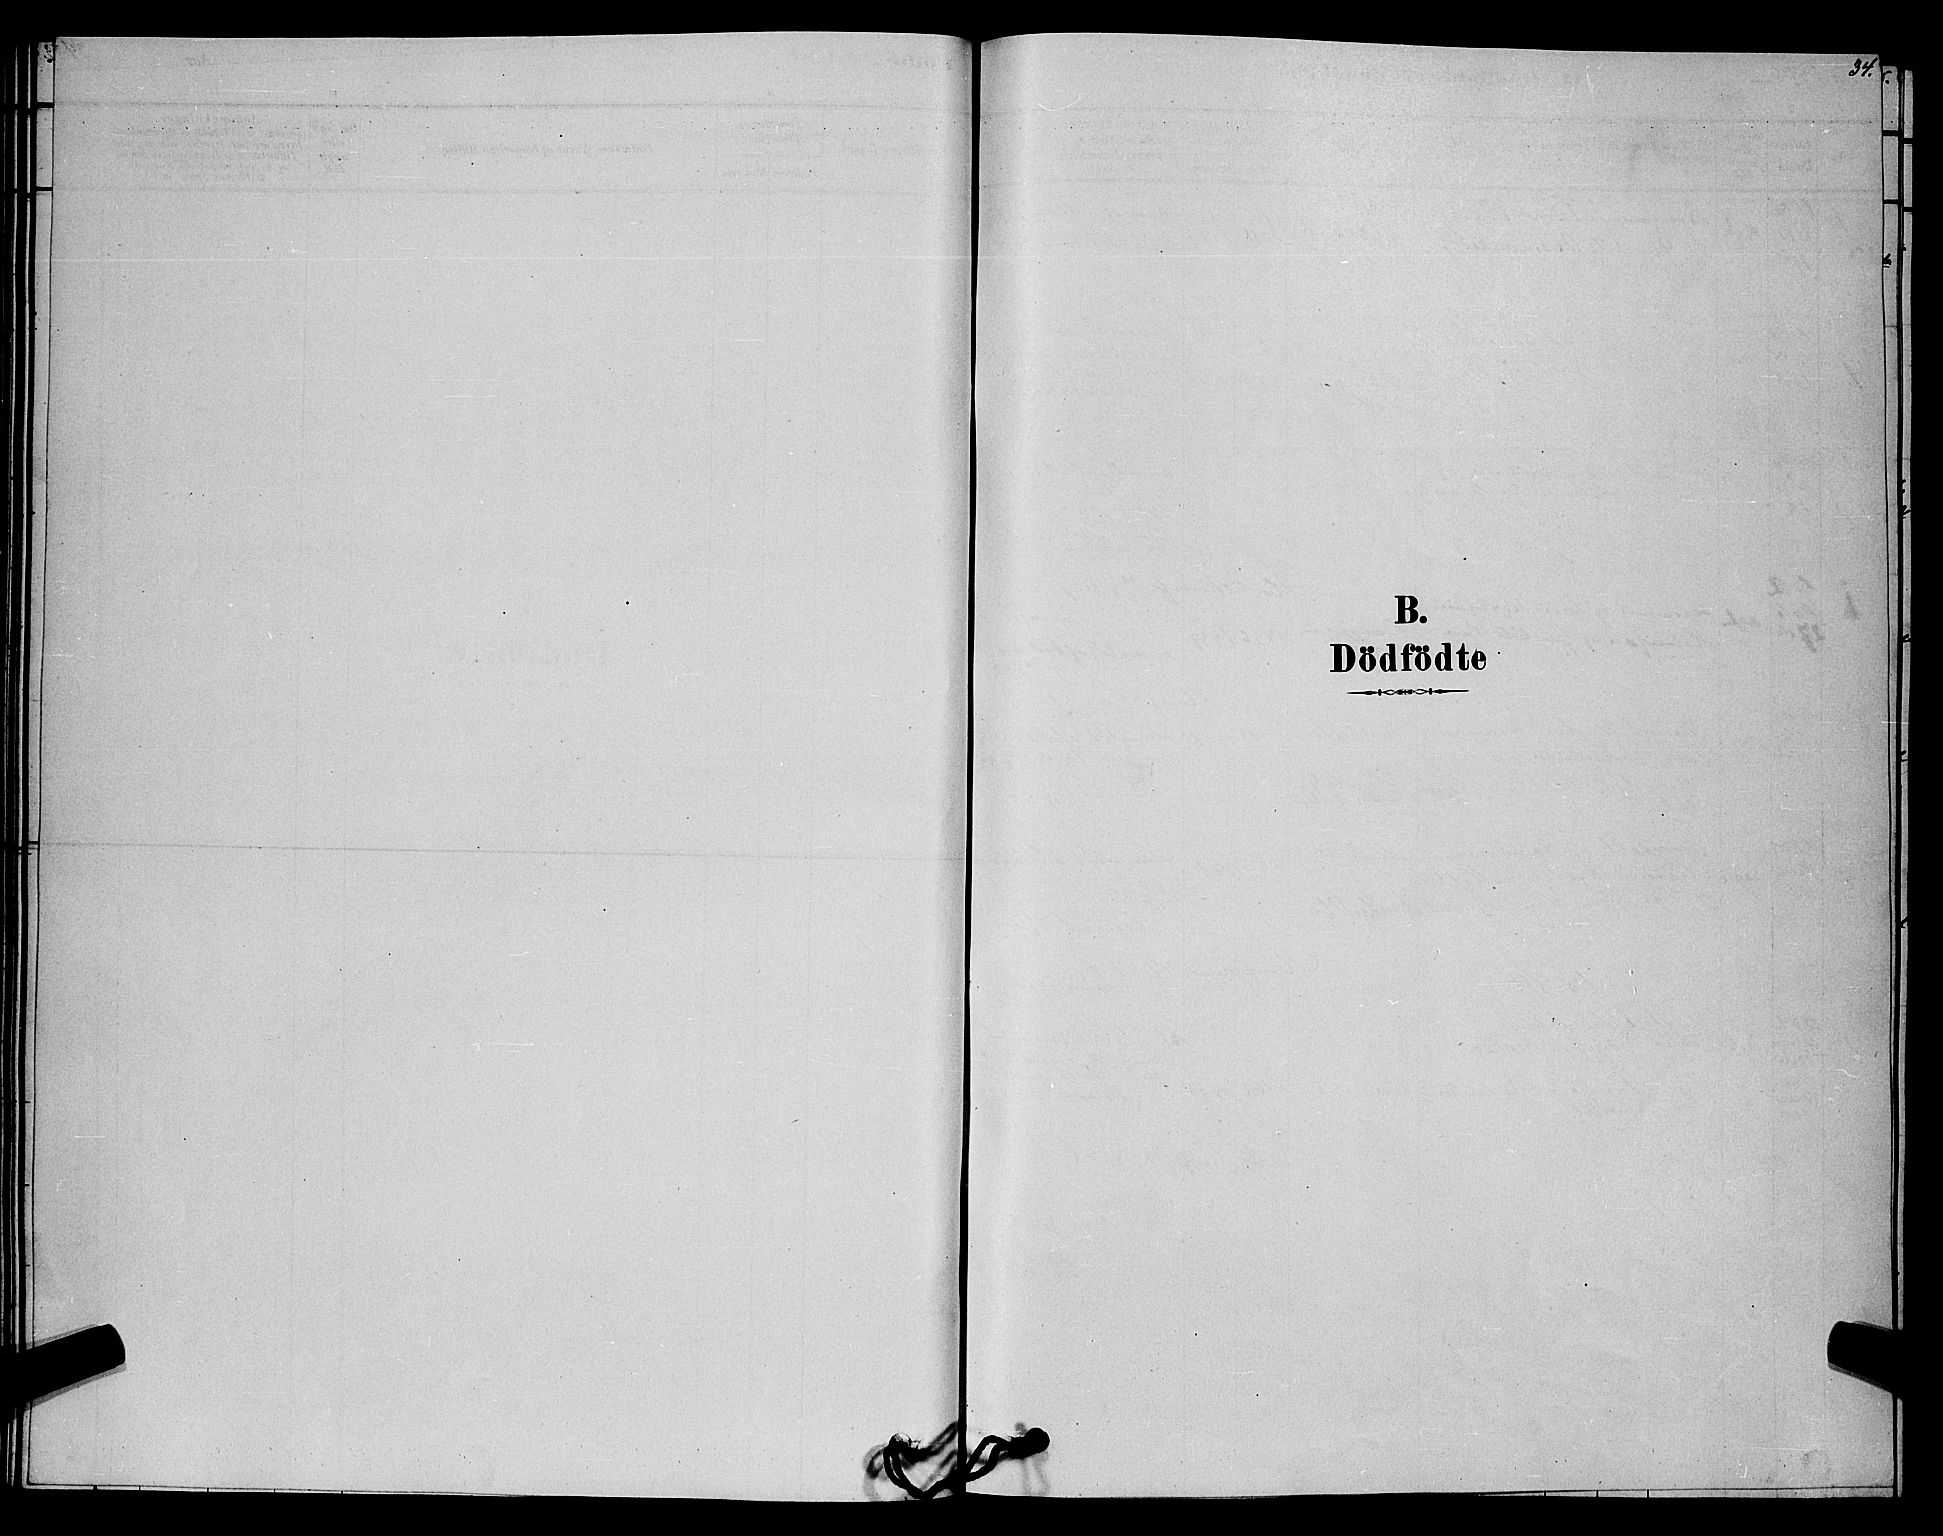 SAKO, Lårdal kirkebøker, G/Gc/L0003: Klokkerbok nr. III 3, 1878-1890, s. 34